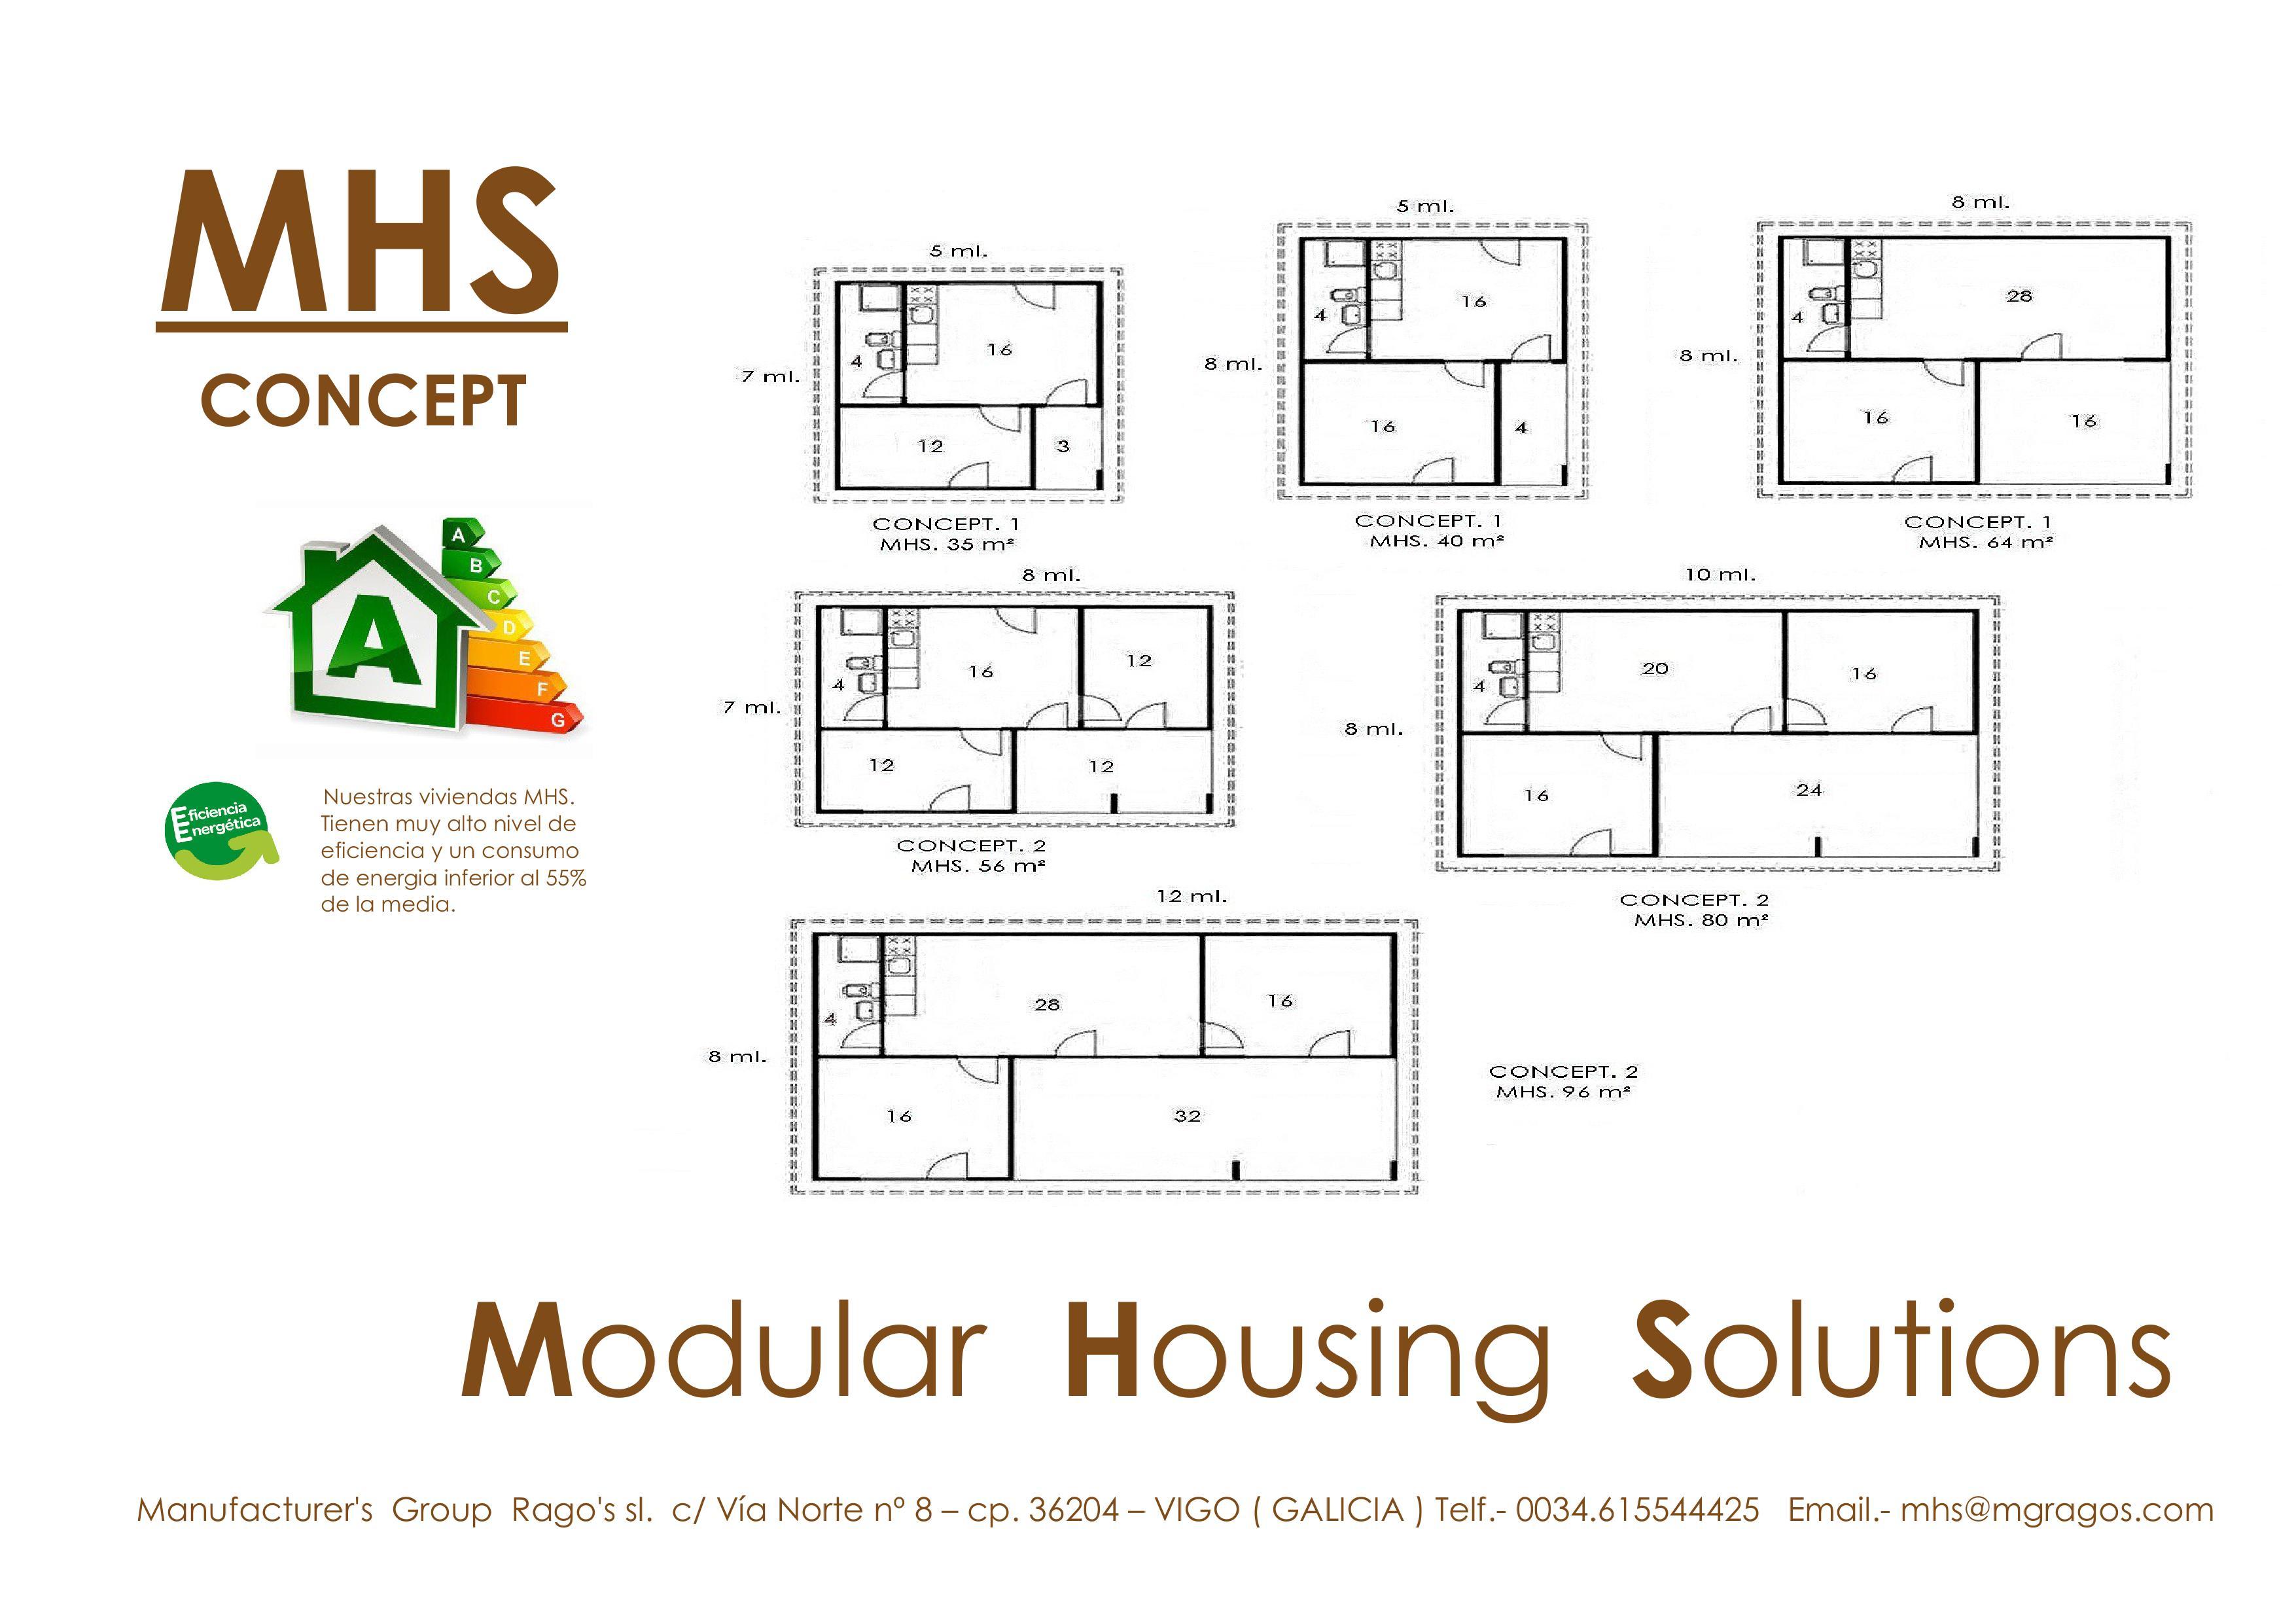 Modelo MHS CONCEPT-7